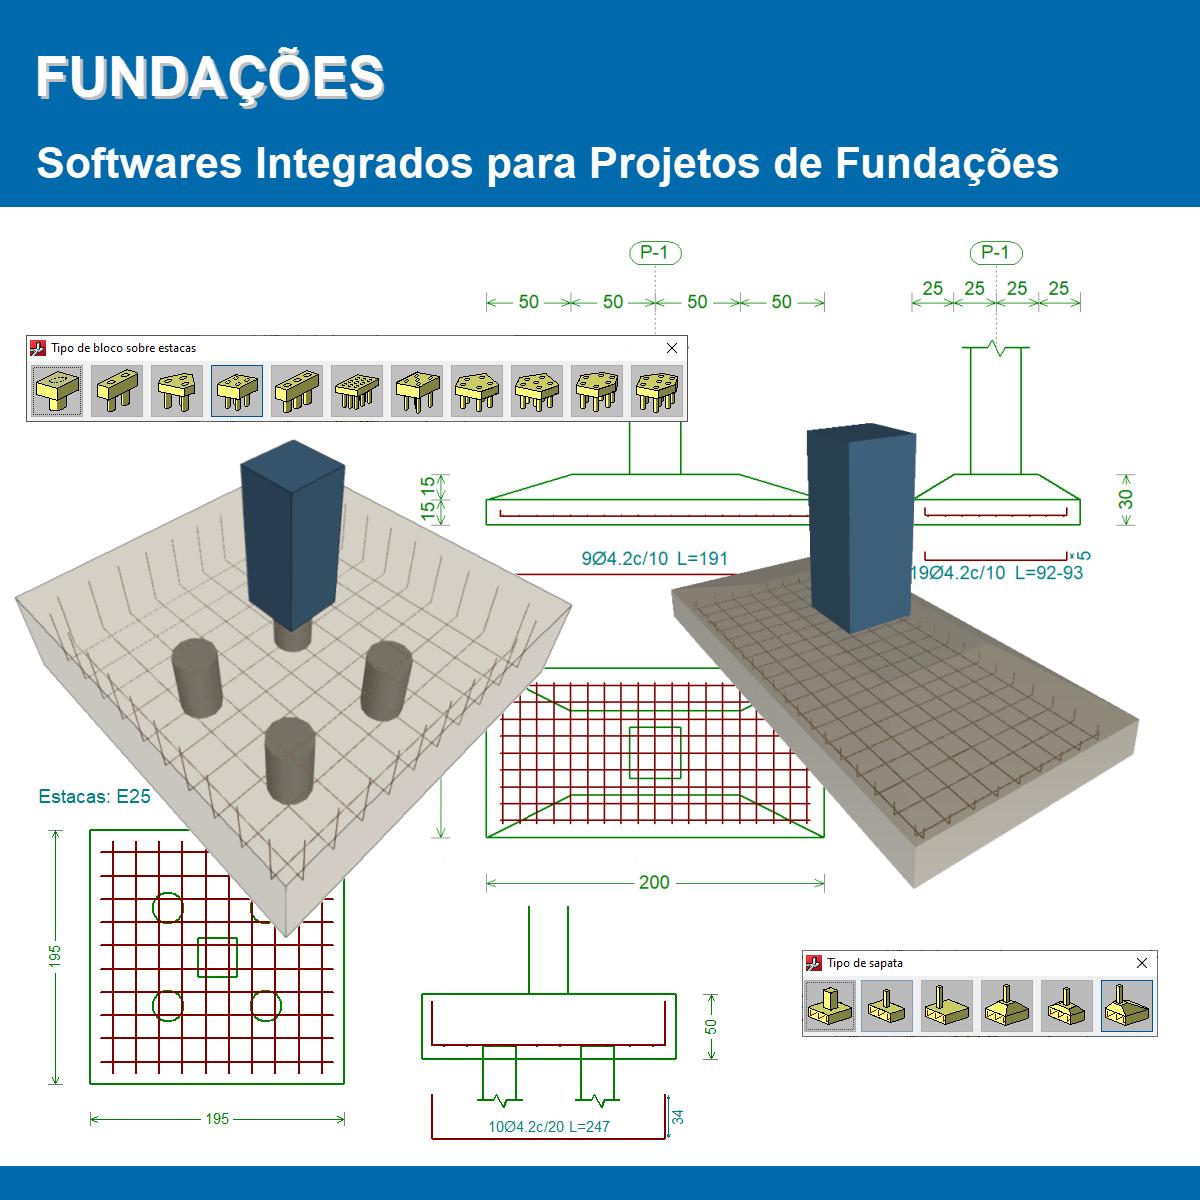 """Software Fundações versão 2022 (Licença eletrônica) incluindo a modulação descrita em """"Itens Inclusos"""" a seguir  - MULTIPLUS SOFTWARES"""